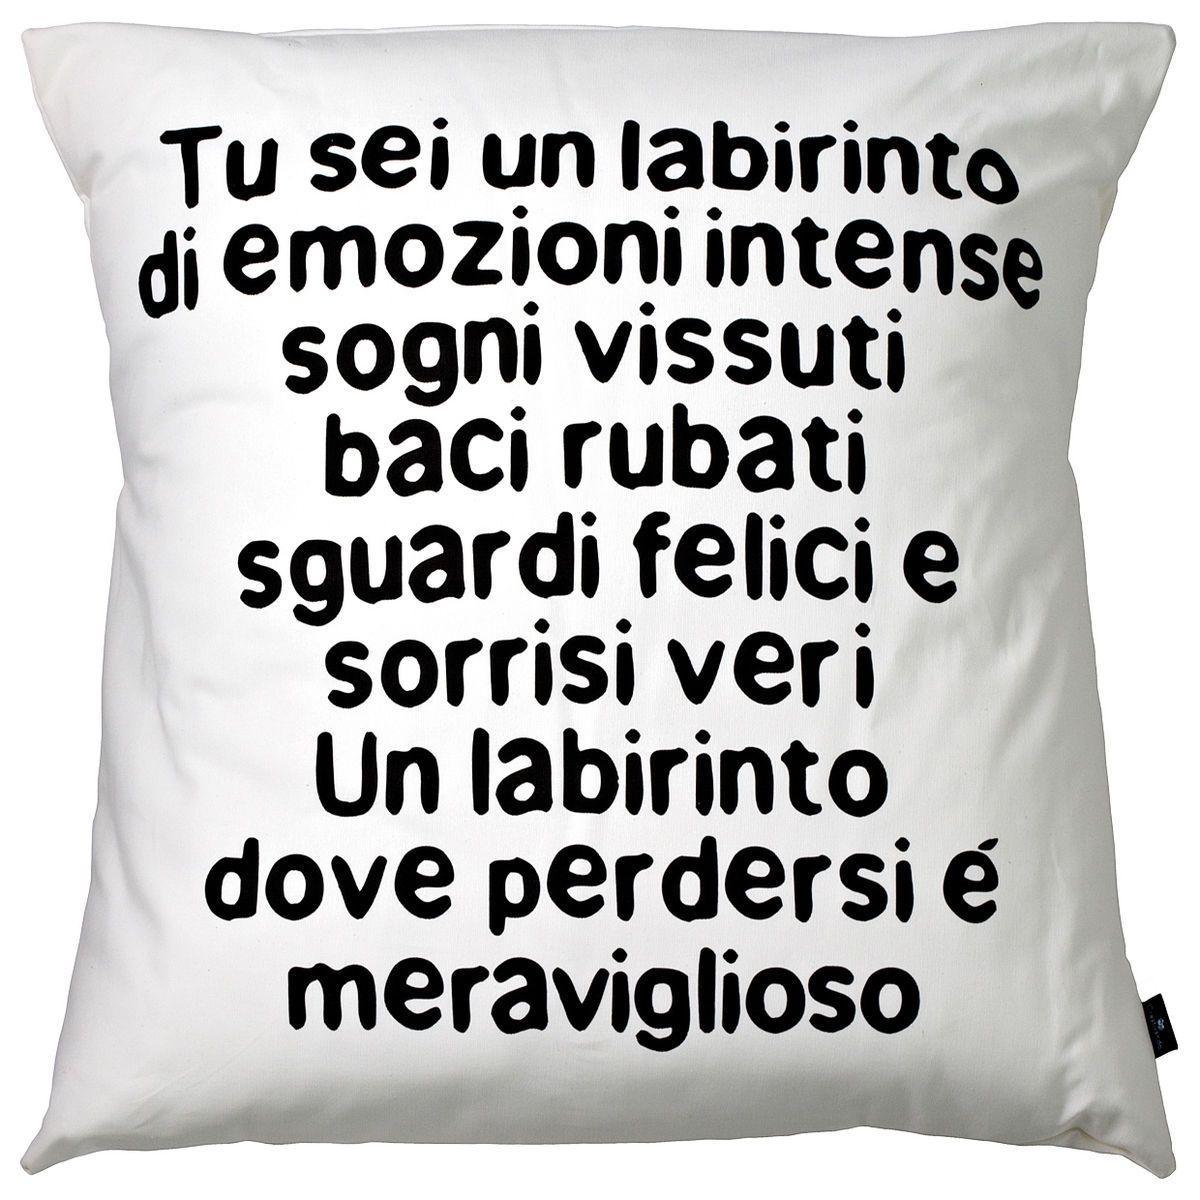 Cuscino in cotone bianco quadrato con stampa poesia in stampatello minuscolo colore testo nero